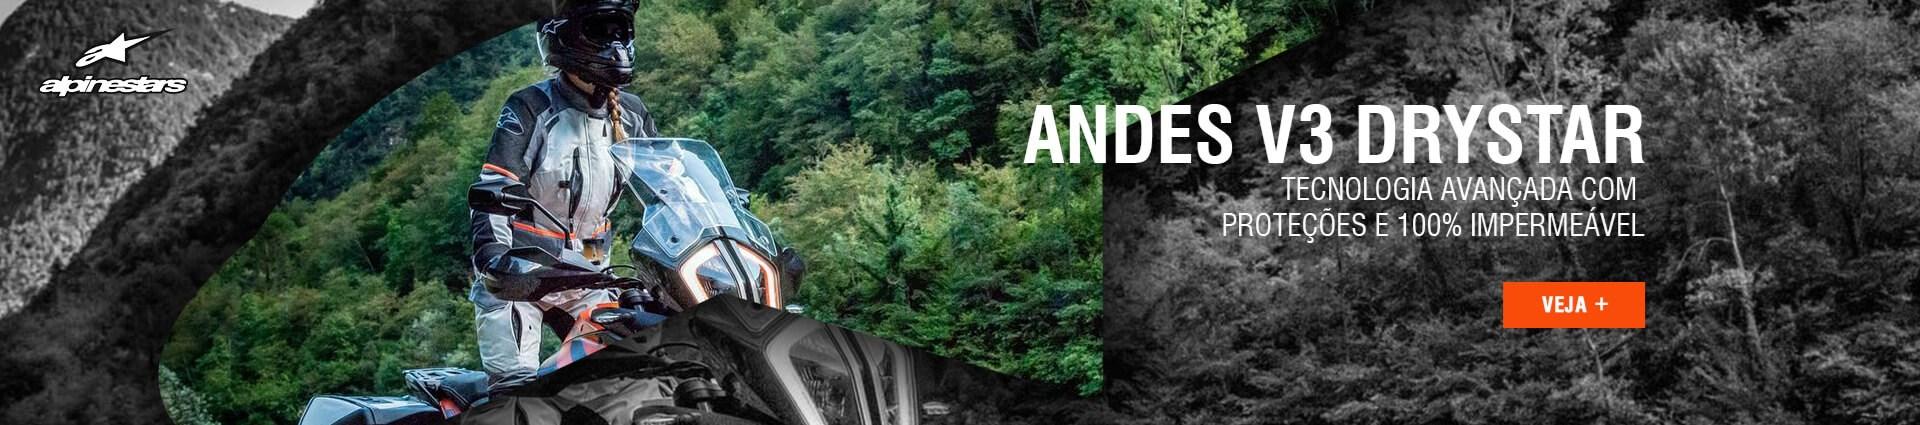 Alpinestars Andes V3